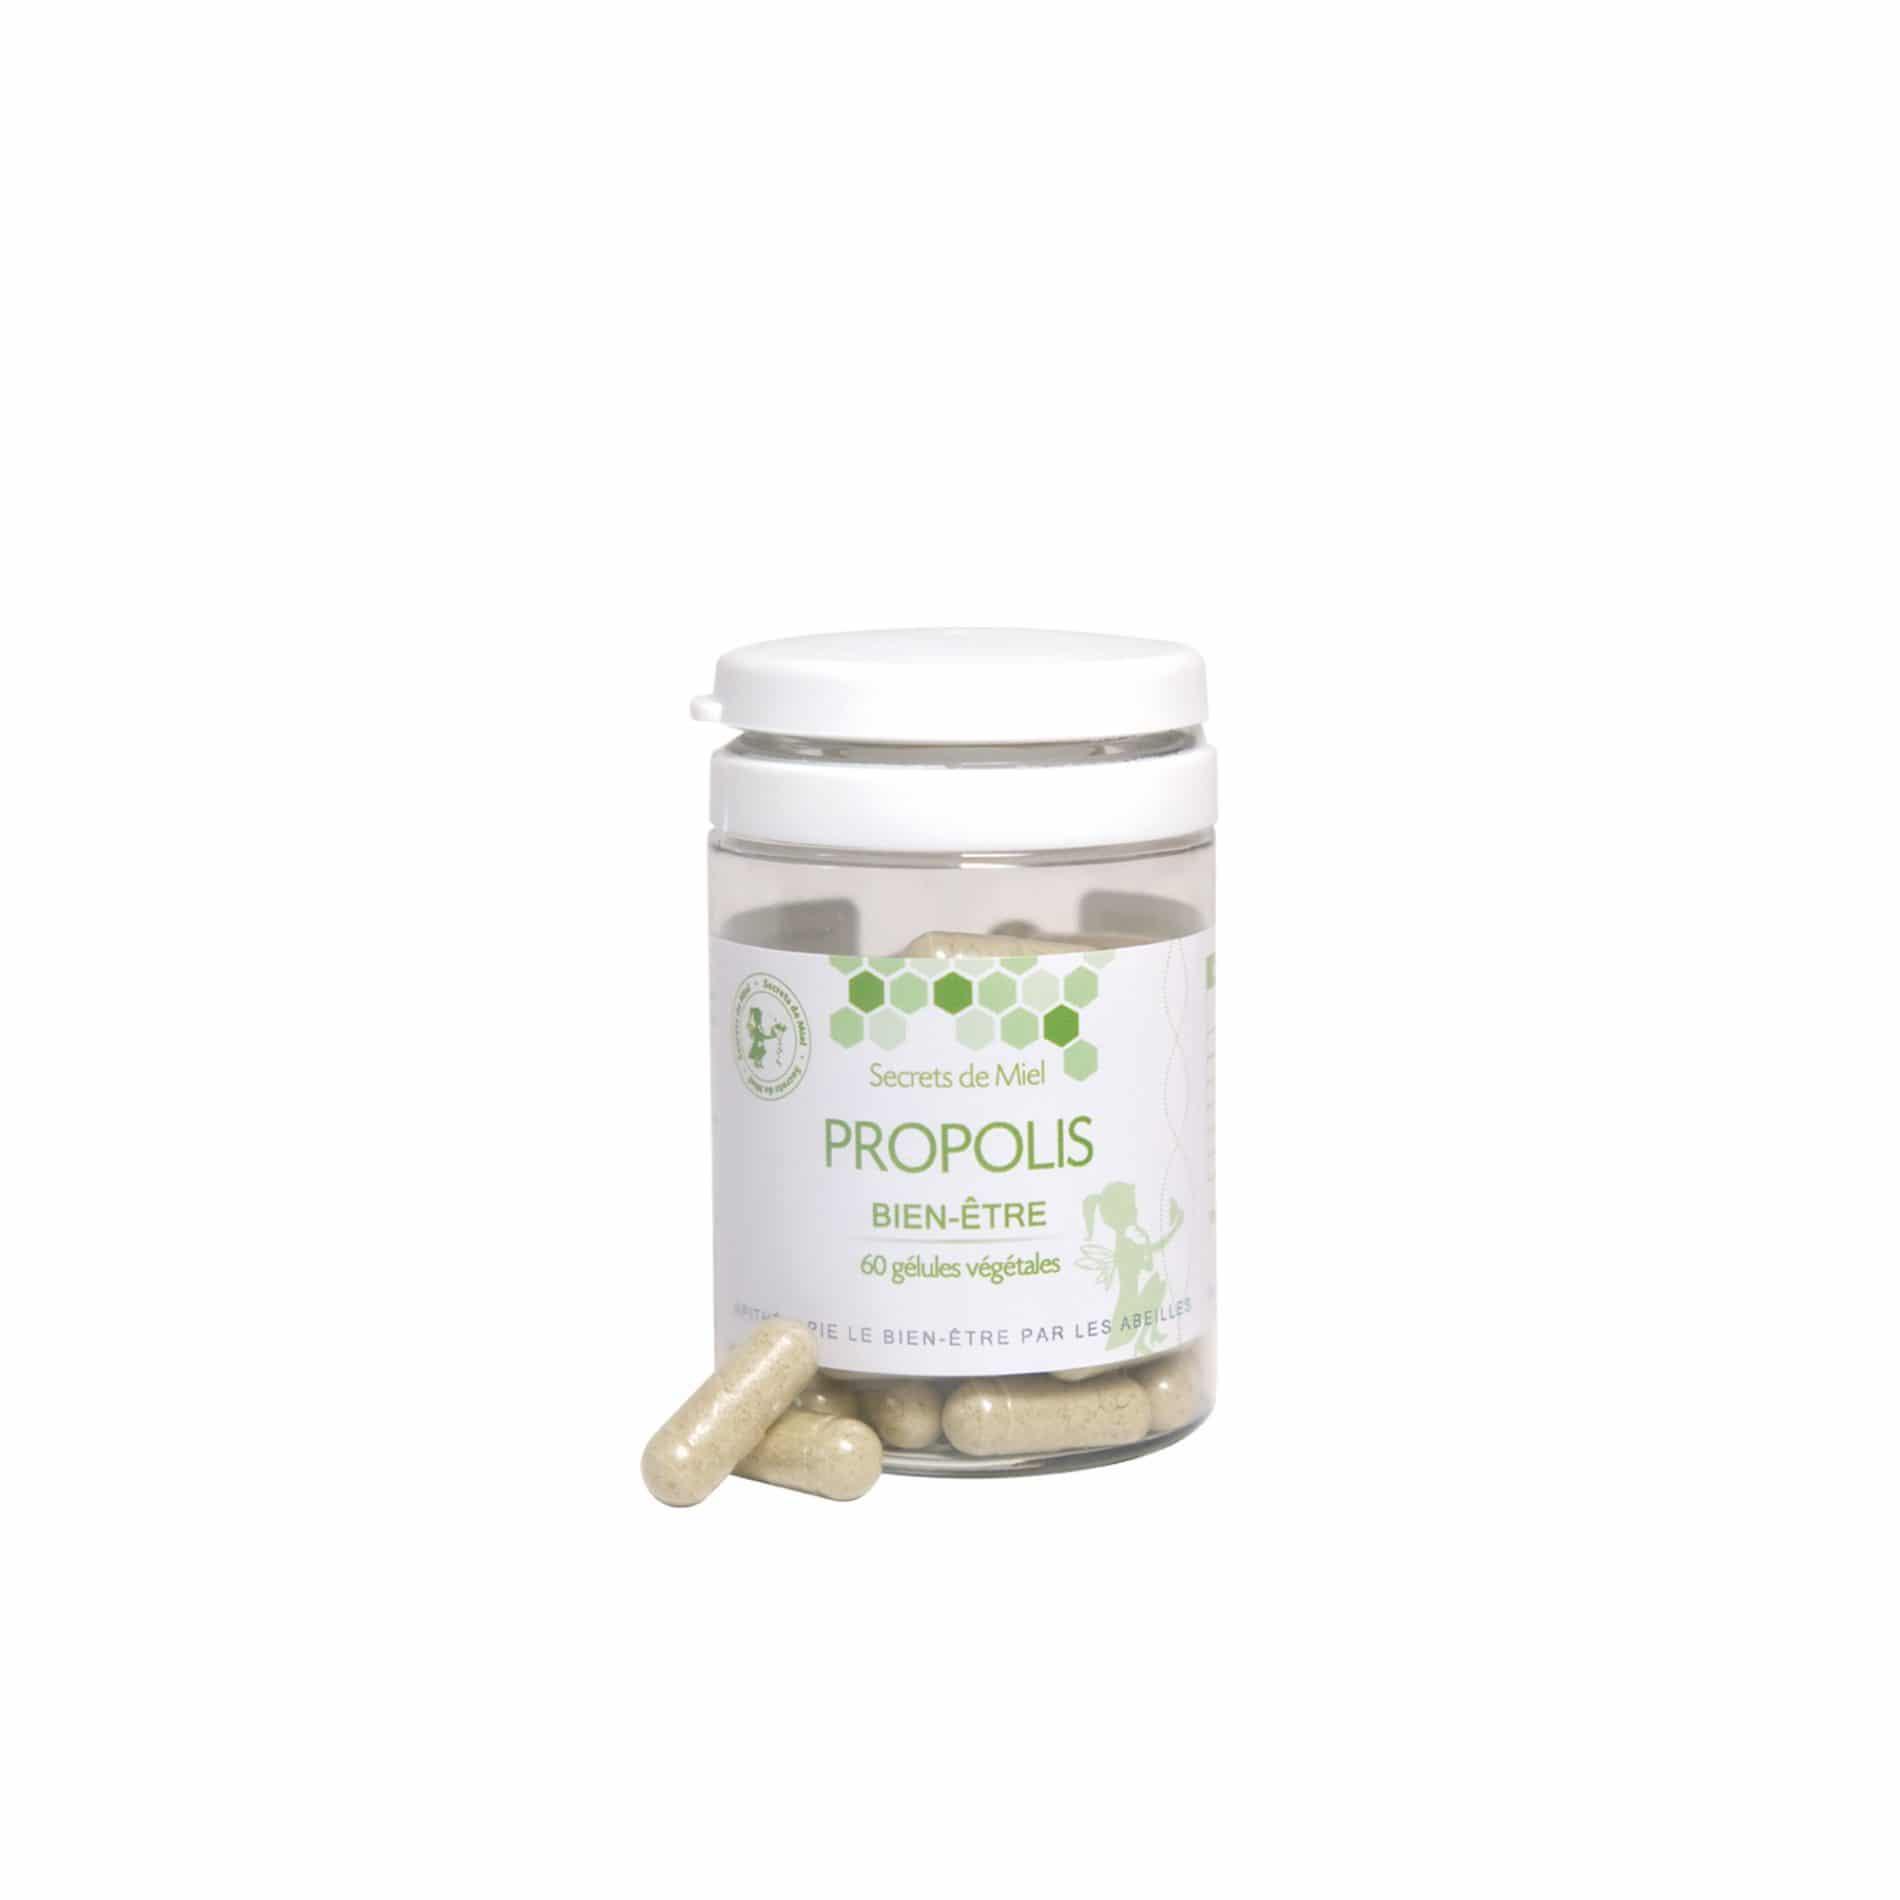 Propolis - Gélules - Plantes - Défense - Tonus - Forme - Vertus - Produits naturels - Secrets de Miel